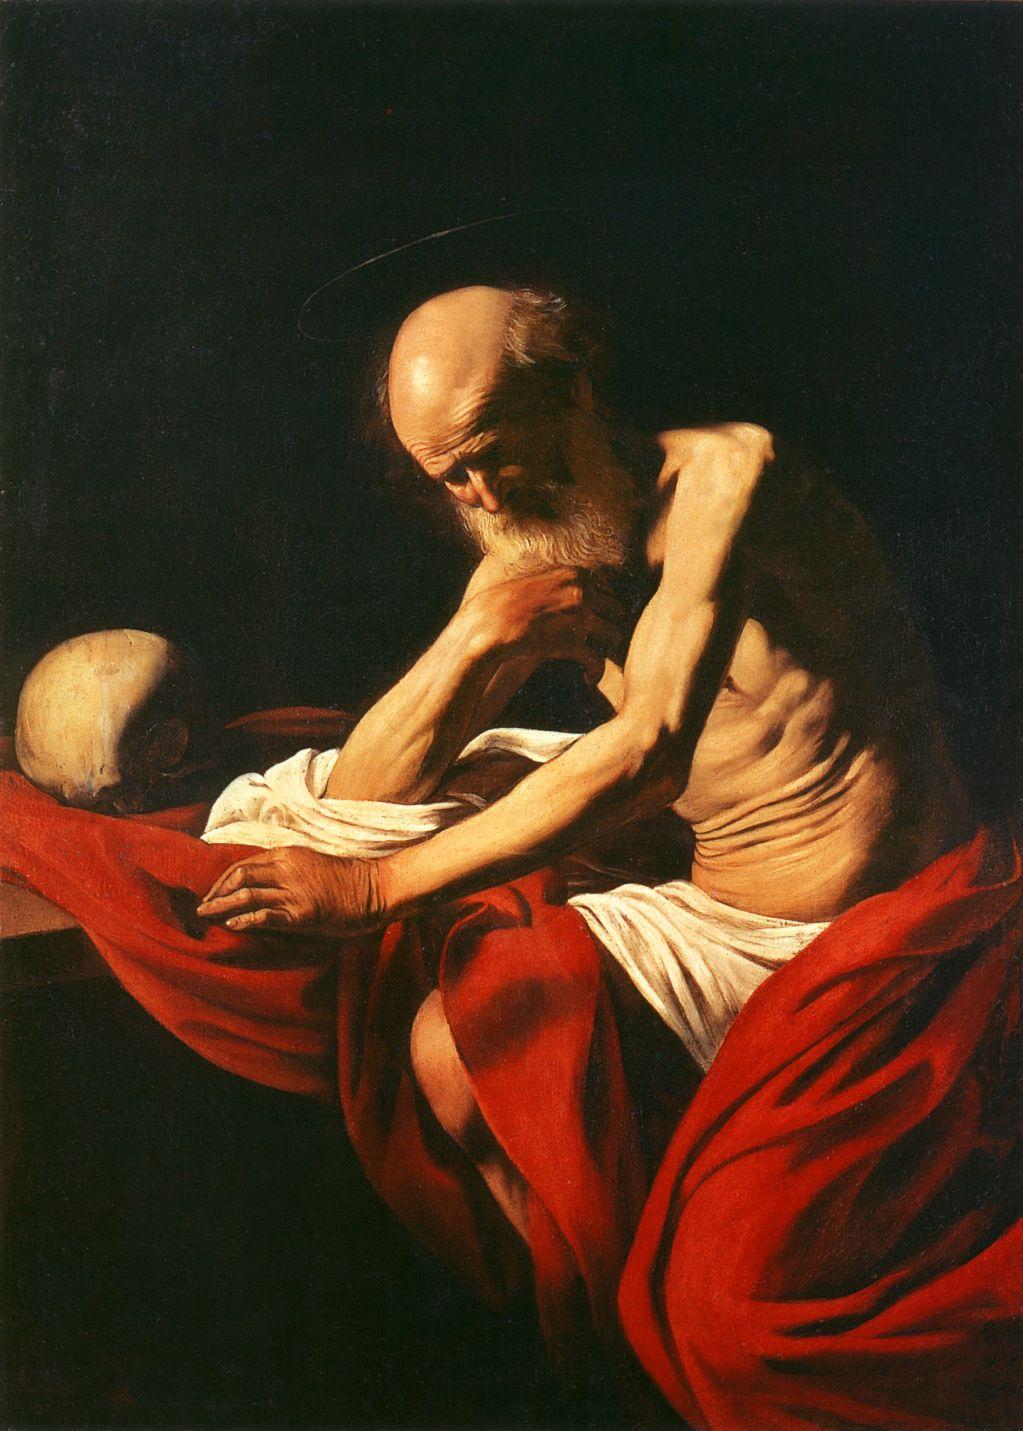 https://i1.wp.com/4.bp.blogspot.com/-JoGJ4uboCKw/TwRhotysUHI/AAAAAAAACiw/nxBNXyudhPs/s1600/jerome-in-meditation-caravaggio.jpg